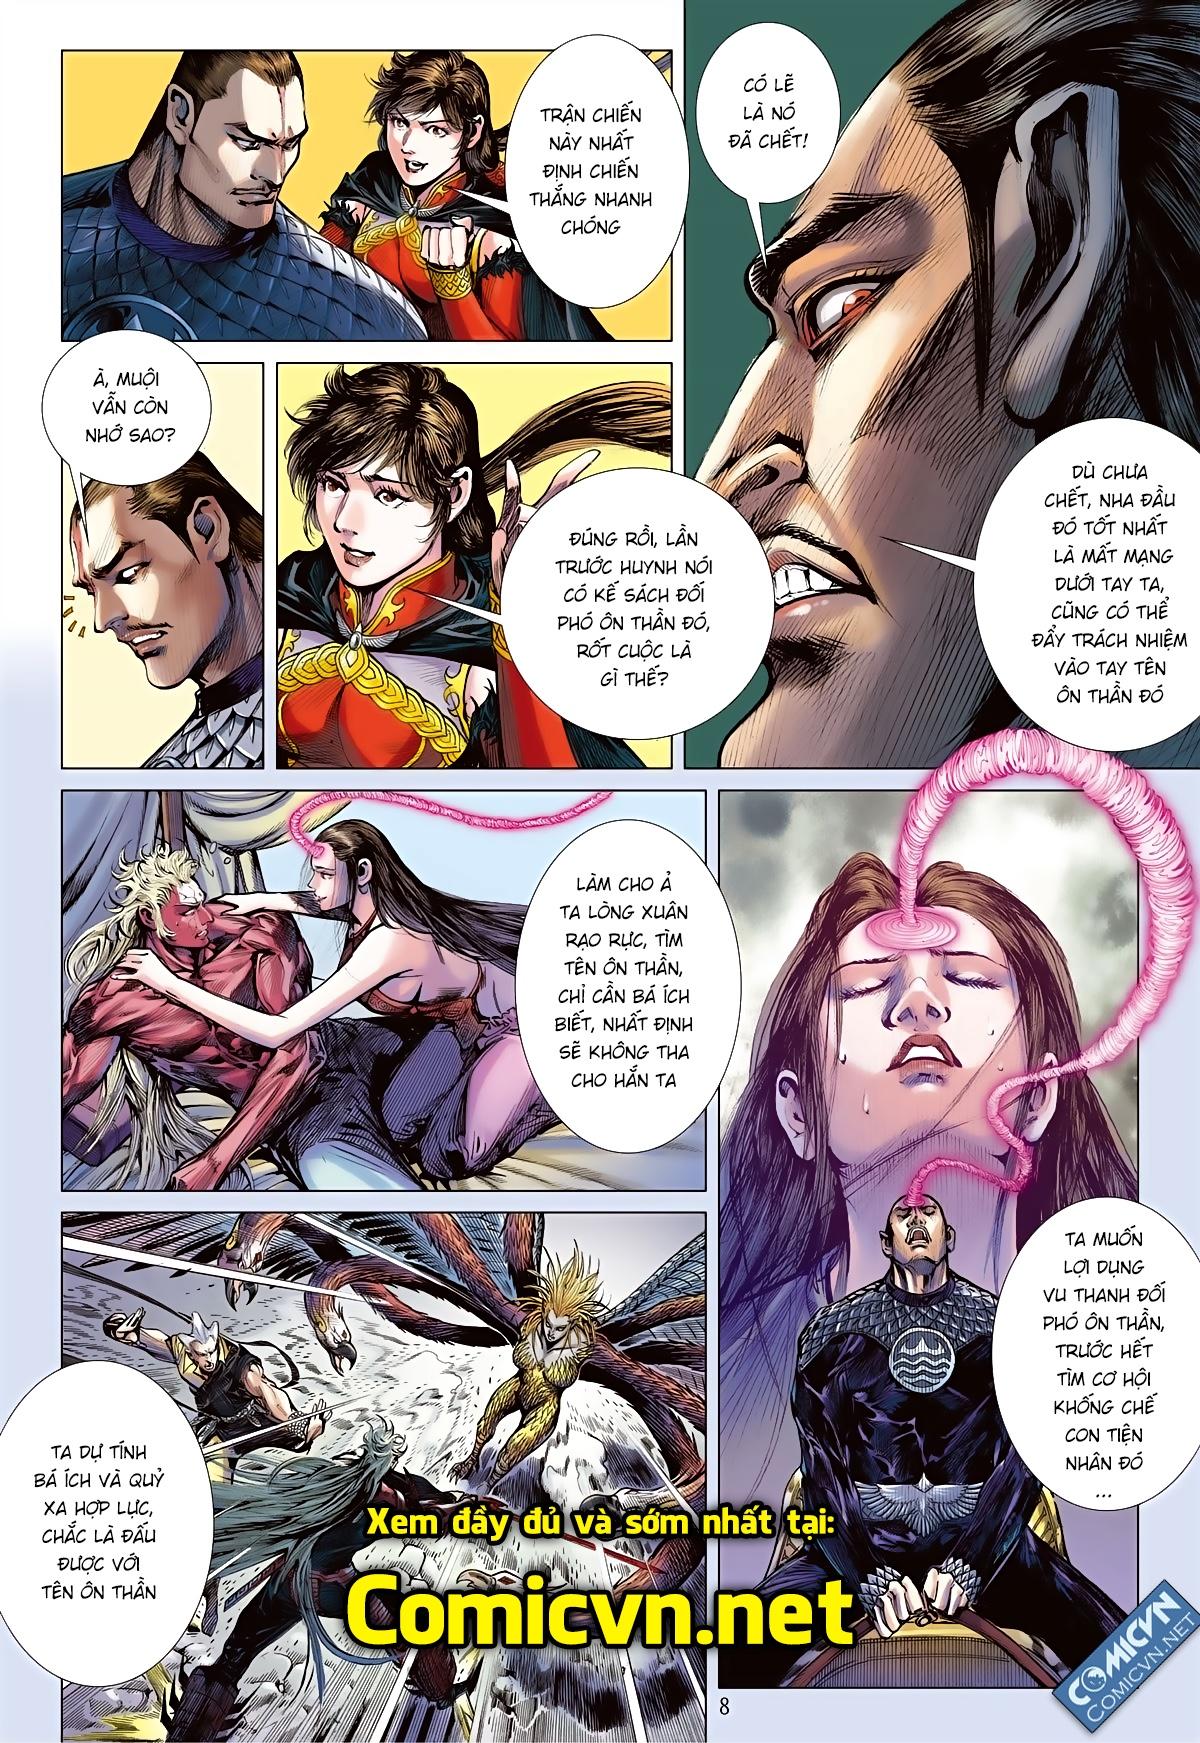 Sơn Hải Nghịch Chiến Chap 83 - Trang 7